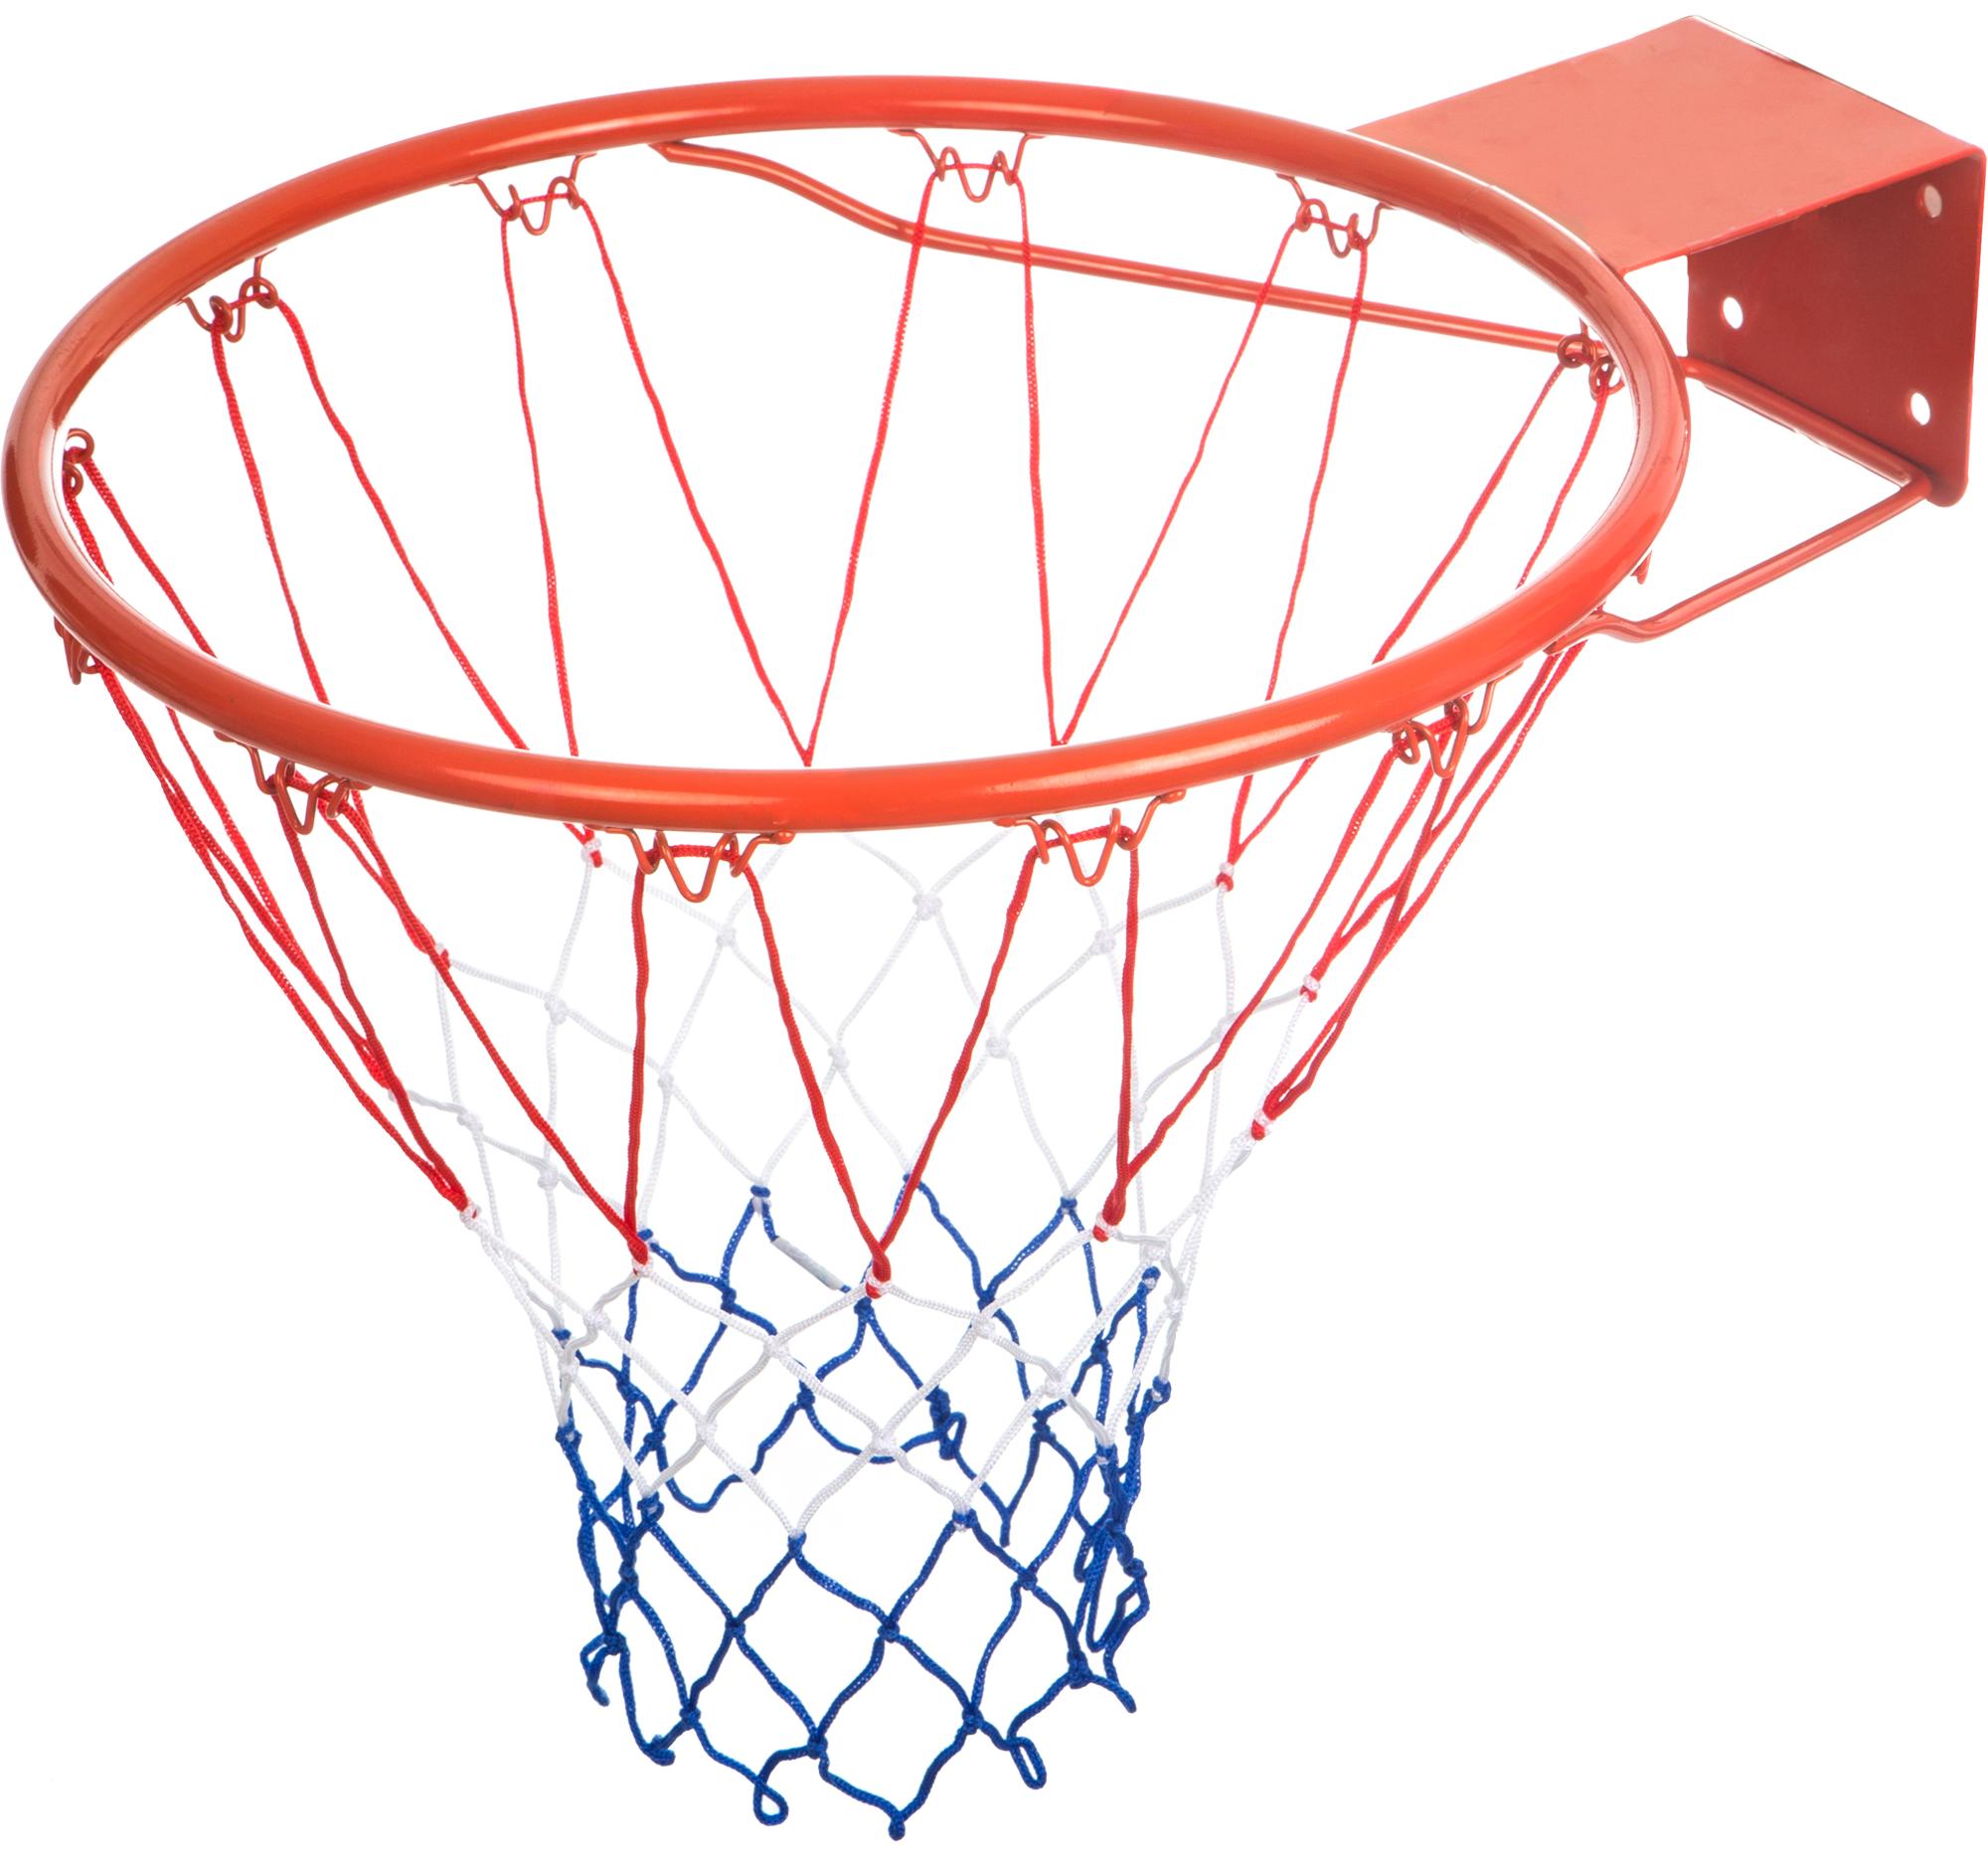 Demix Кольцо баскетбольное